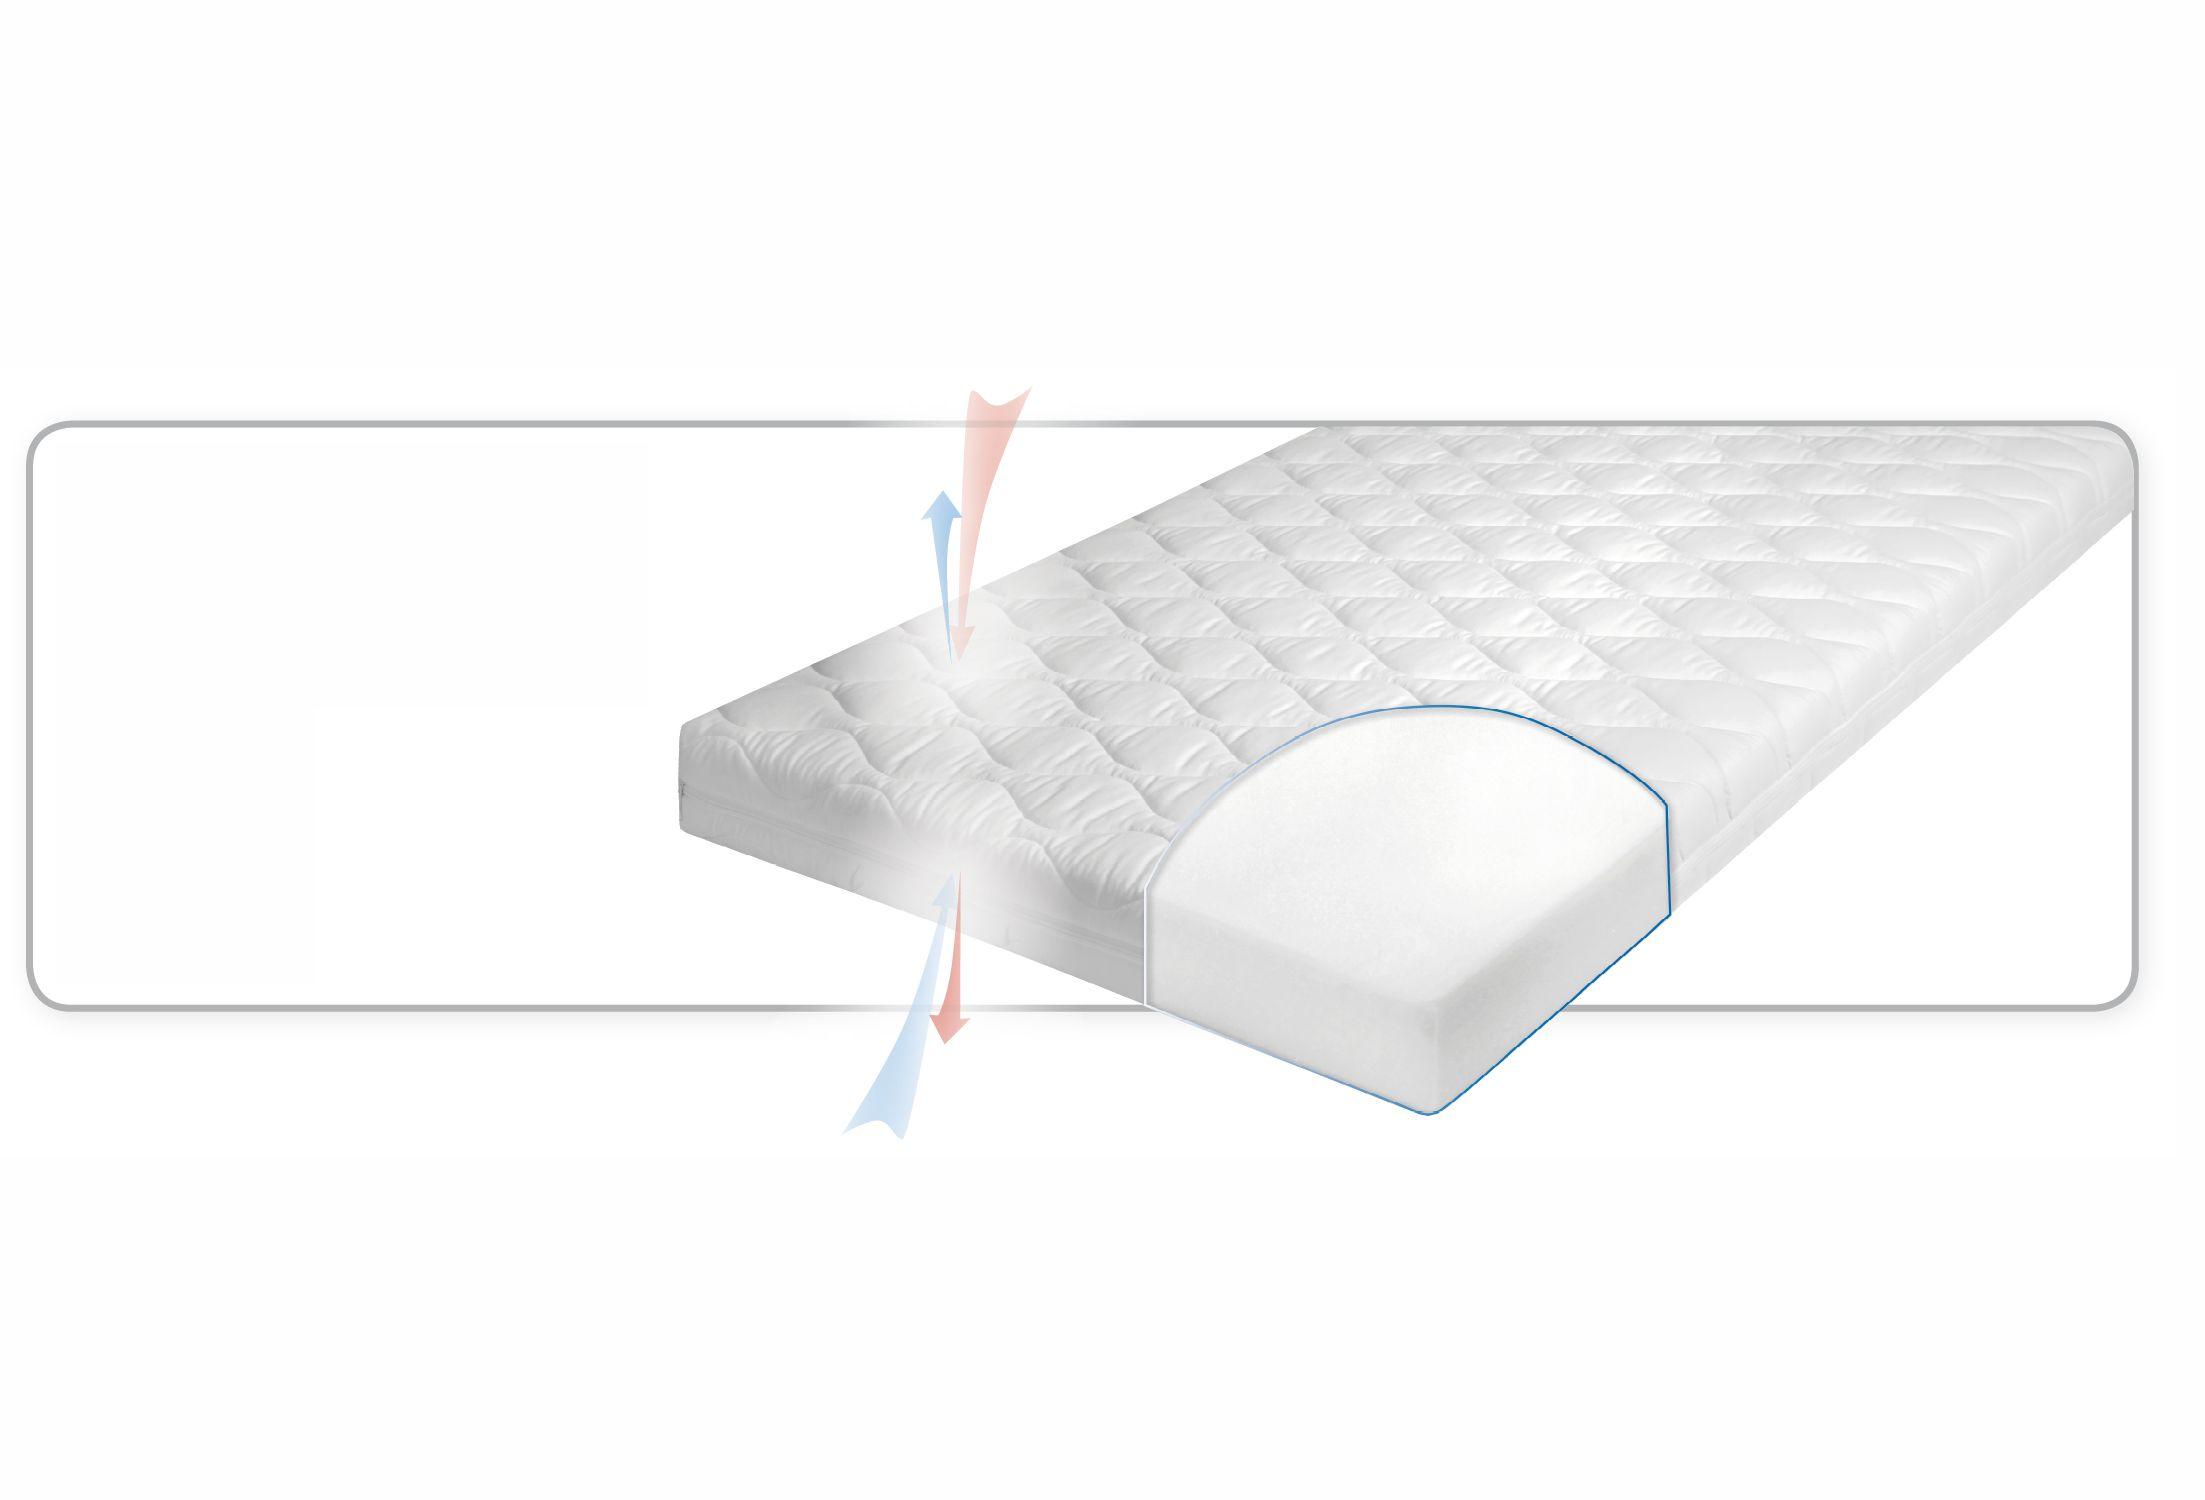 Stubenwagen matratze julius zöllner bewegbare beistellbetten von